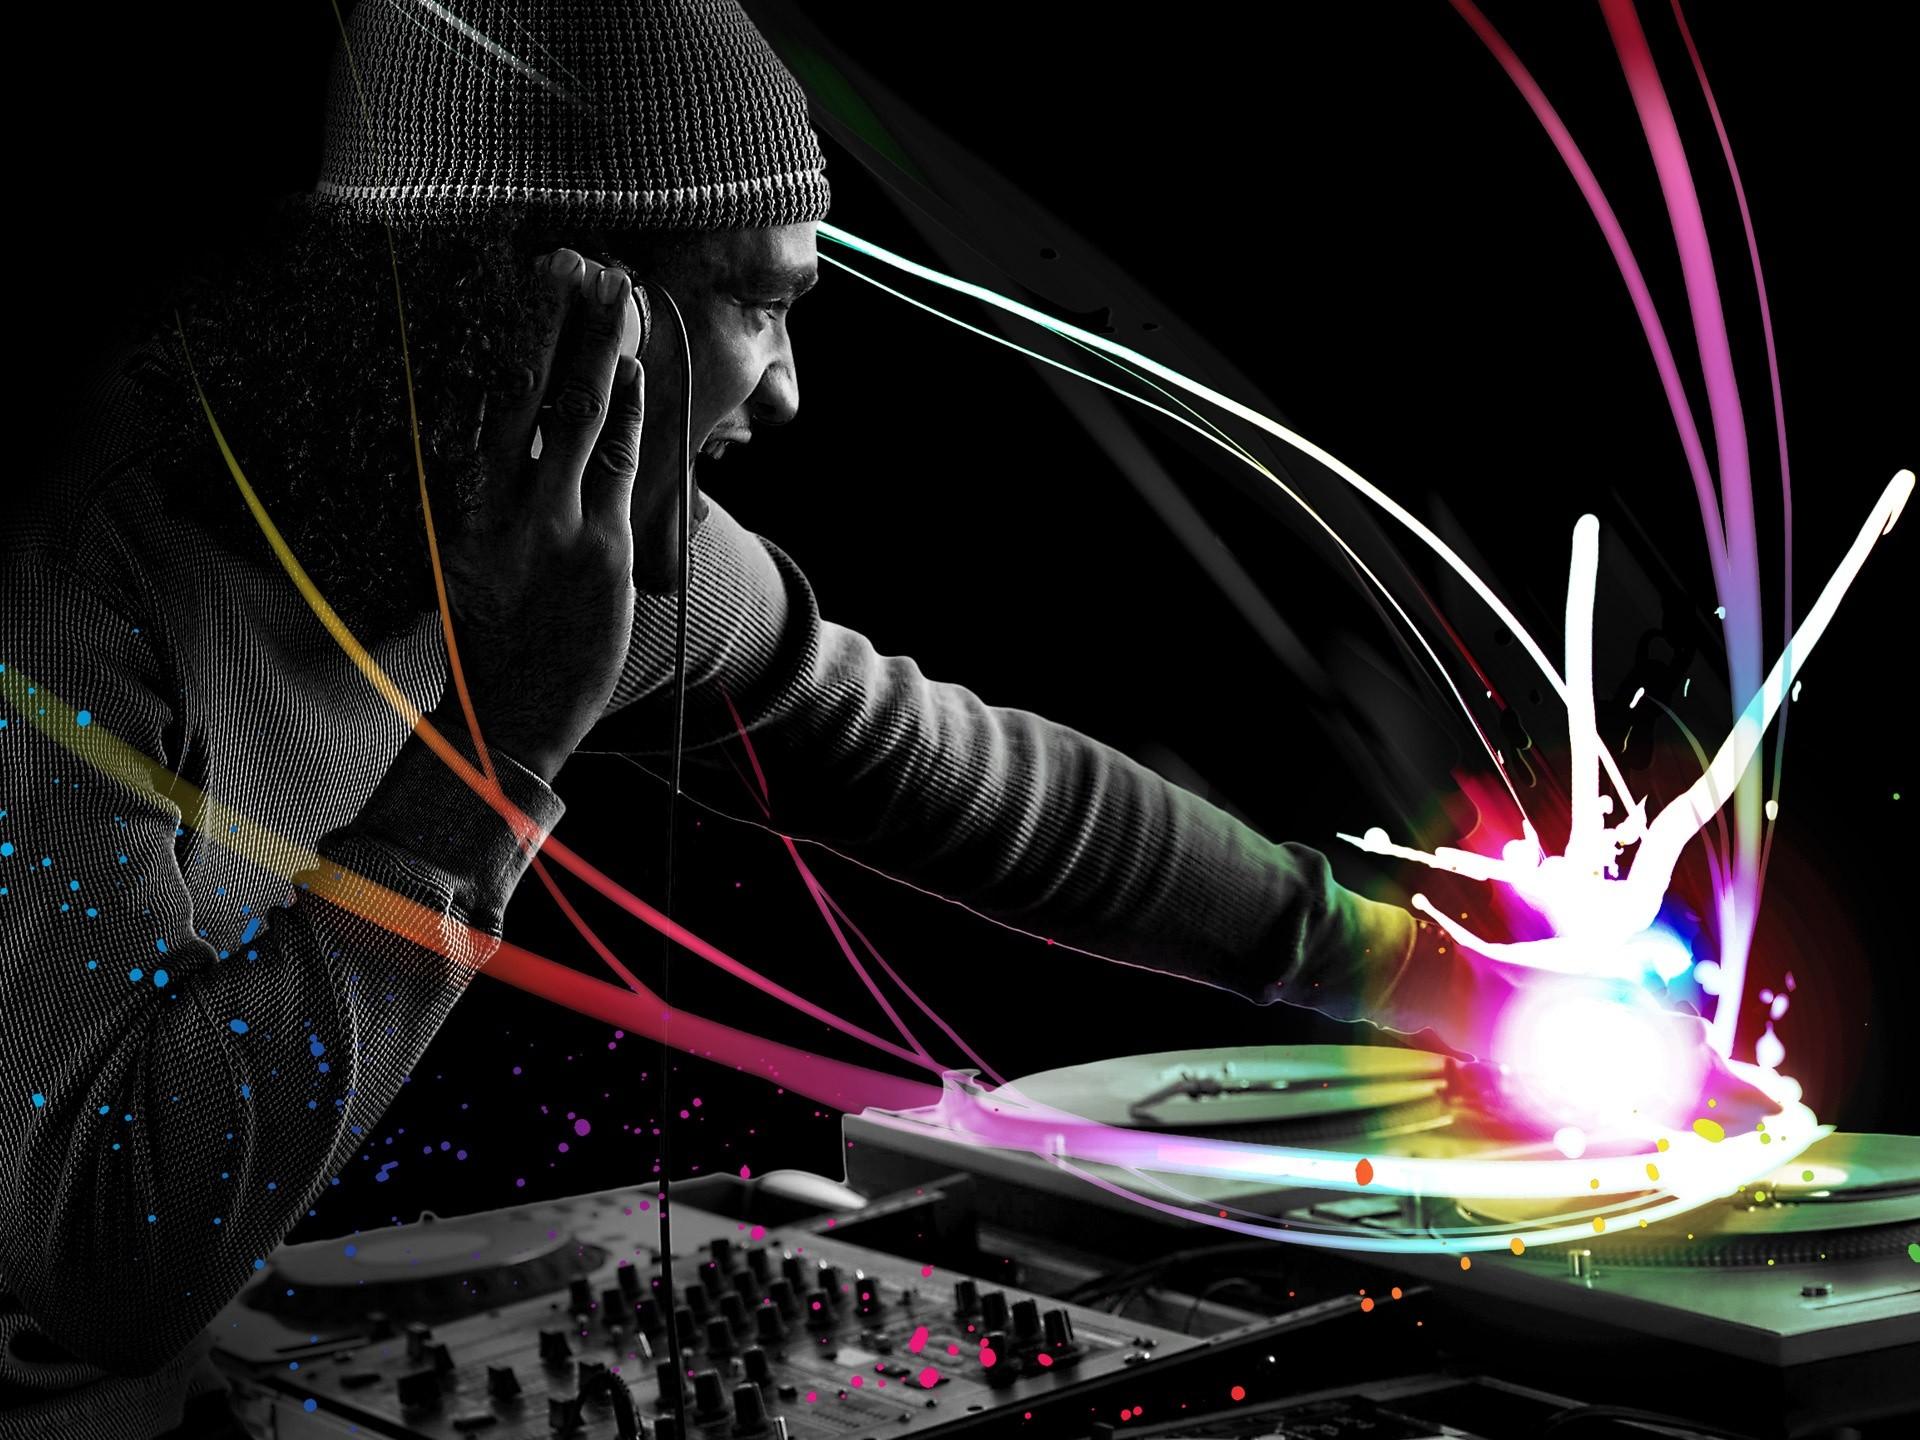 Desktop DJ Wallpapers Wallpapercraft 1920x1440